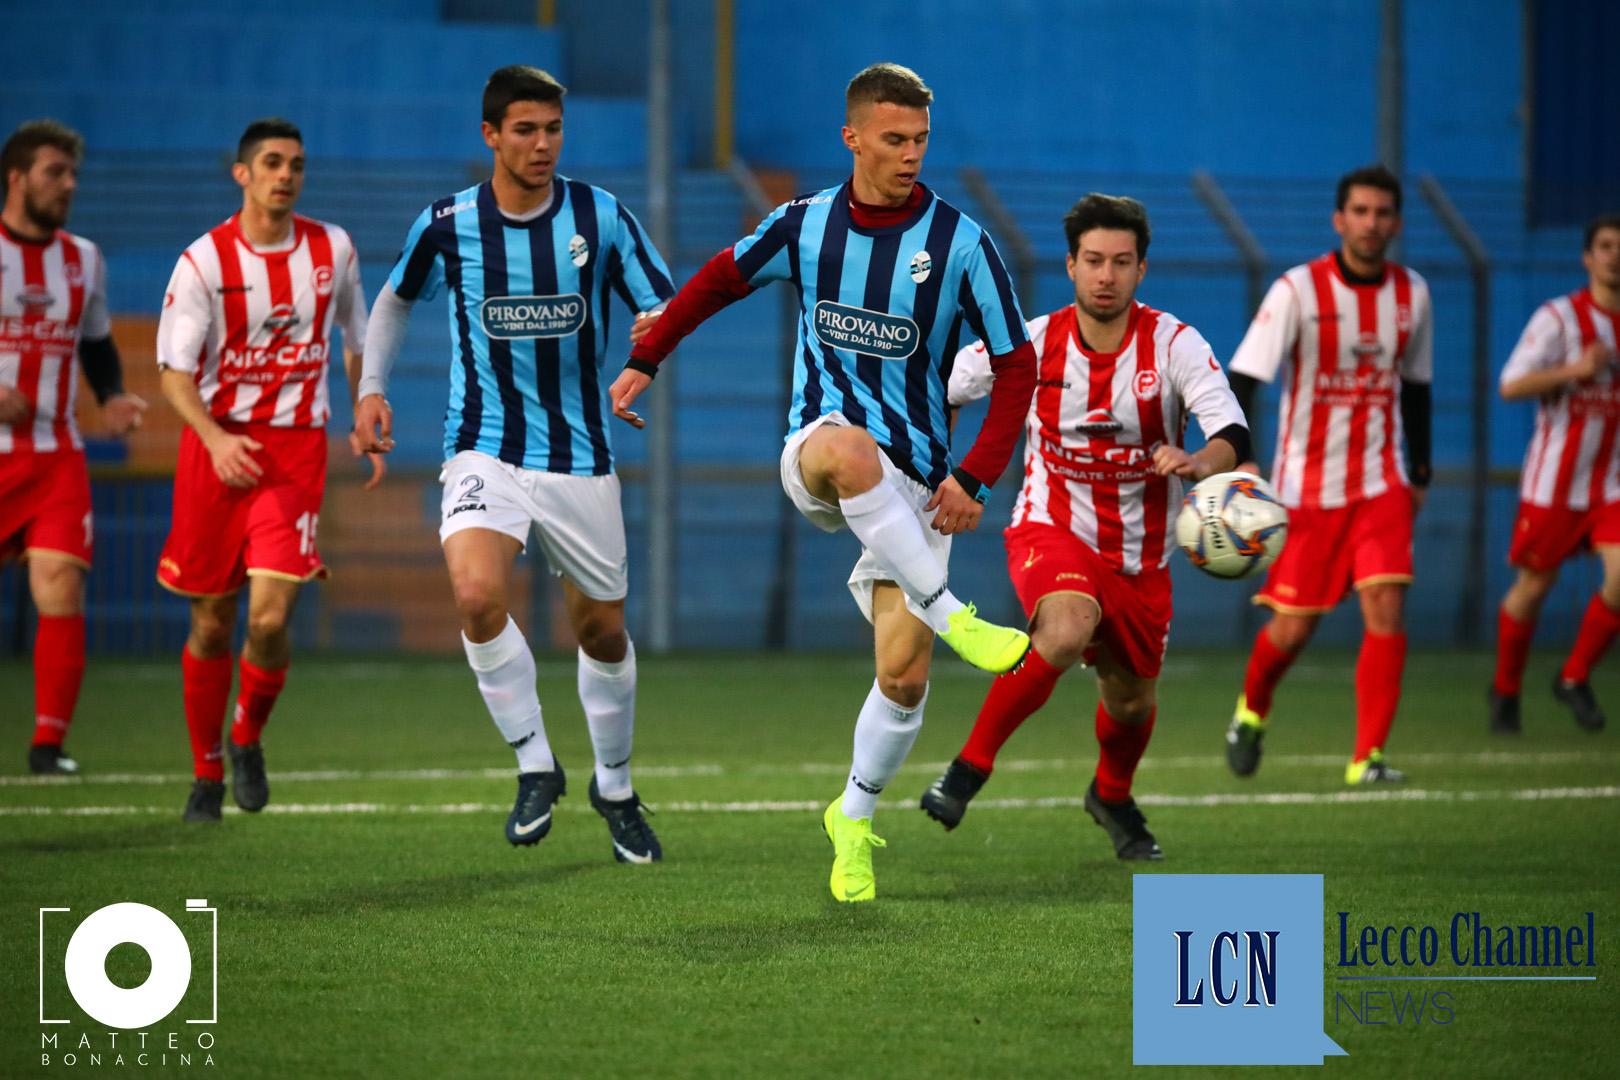 Calcio Lecco Foppenico Amichevole 10 Gennaio 2019 (28)